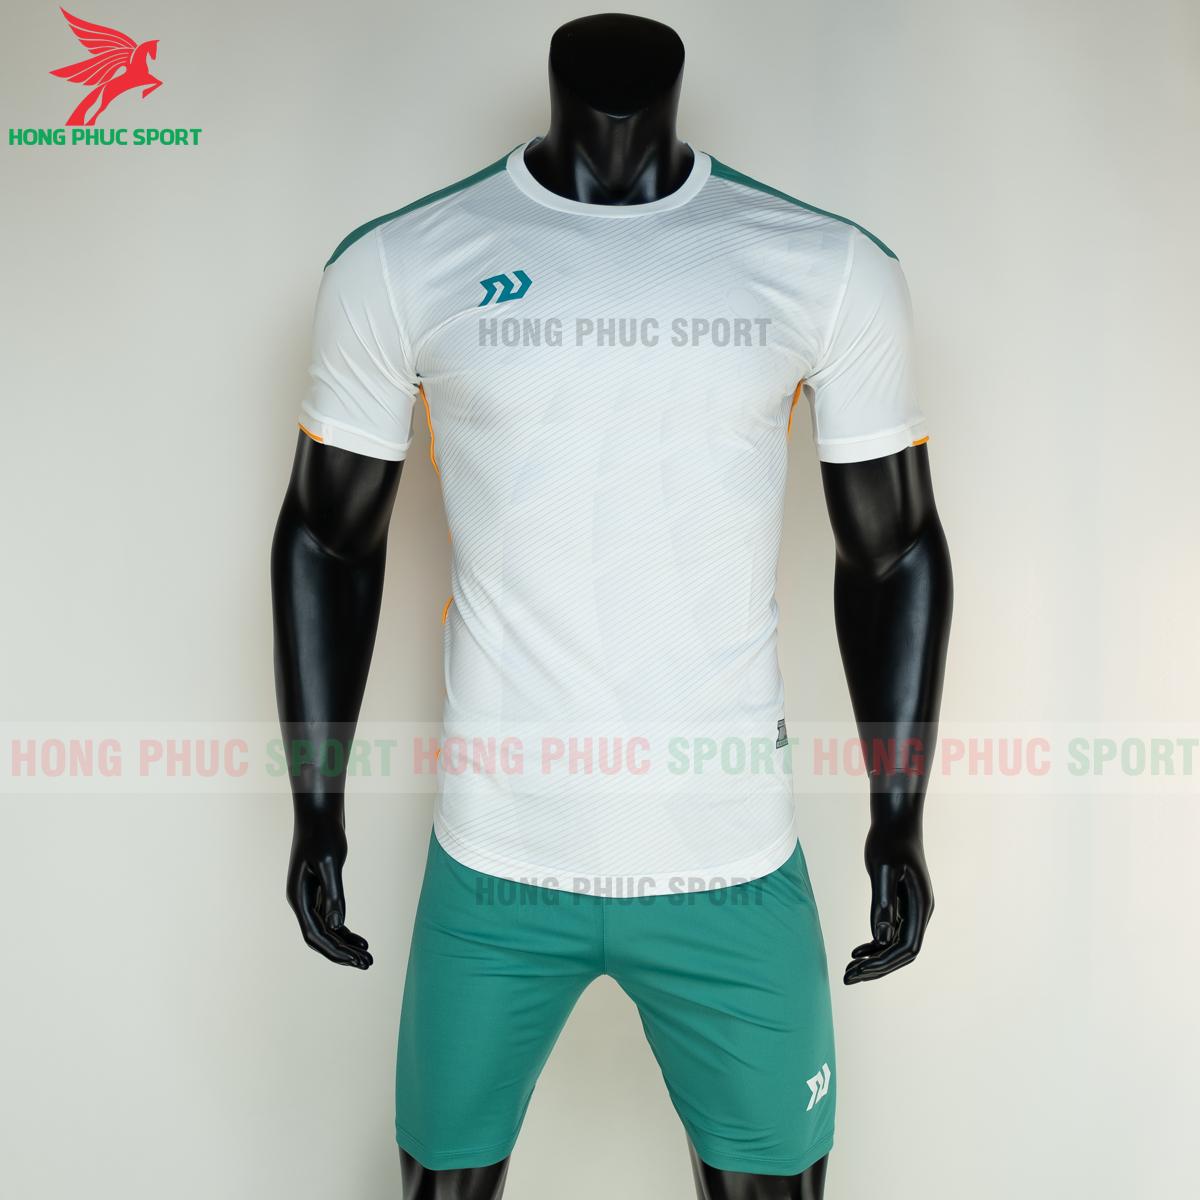 Áo đá banh không logo Bulbal Lotus 2021 màu Trắng (trước)